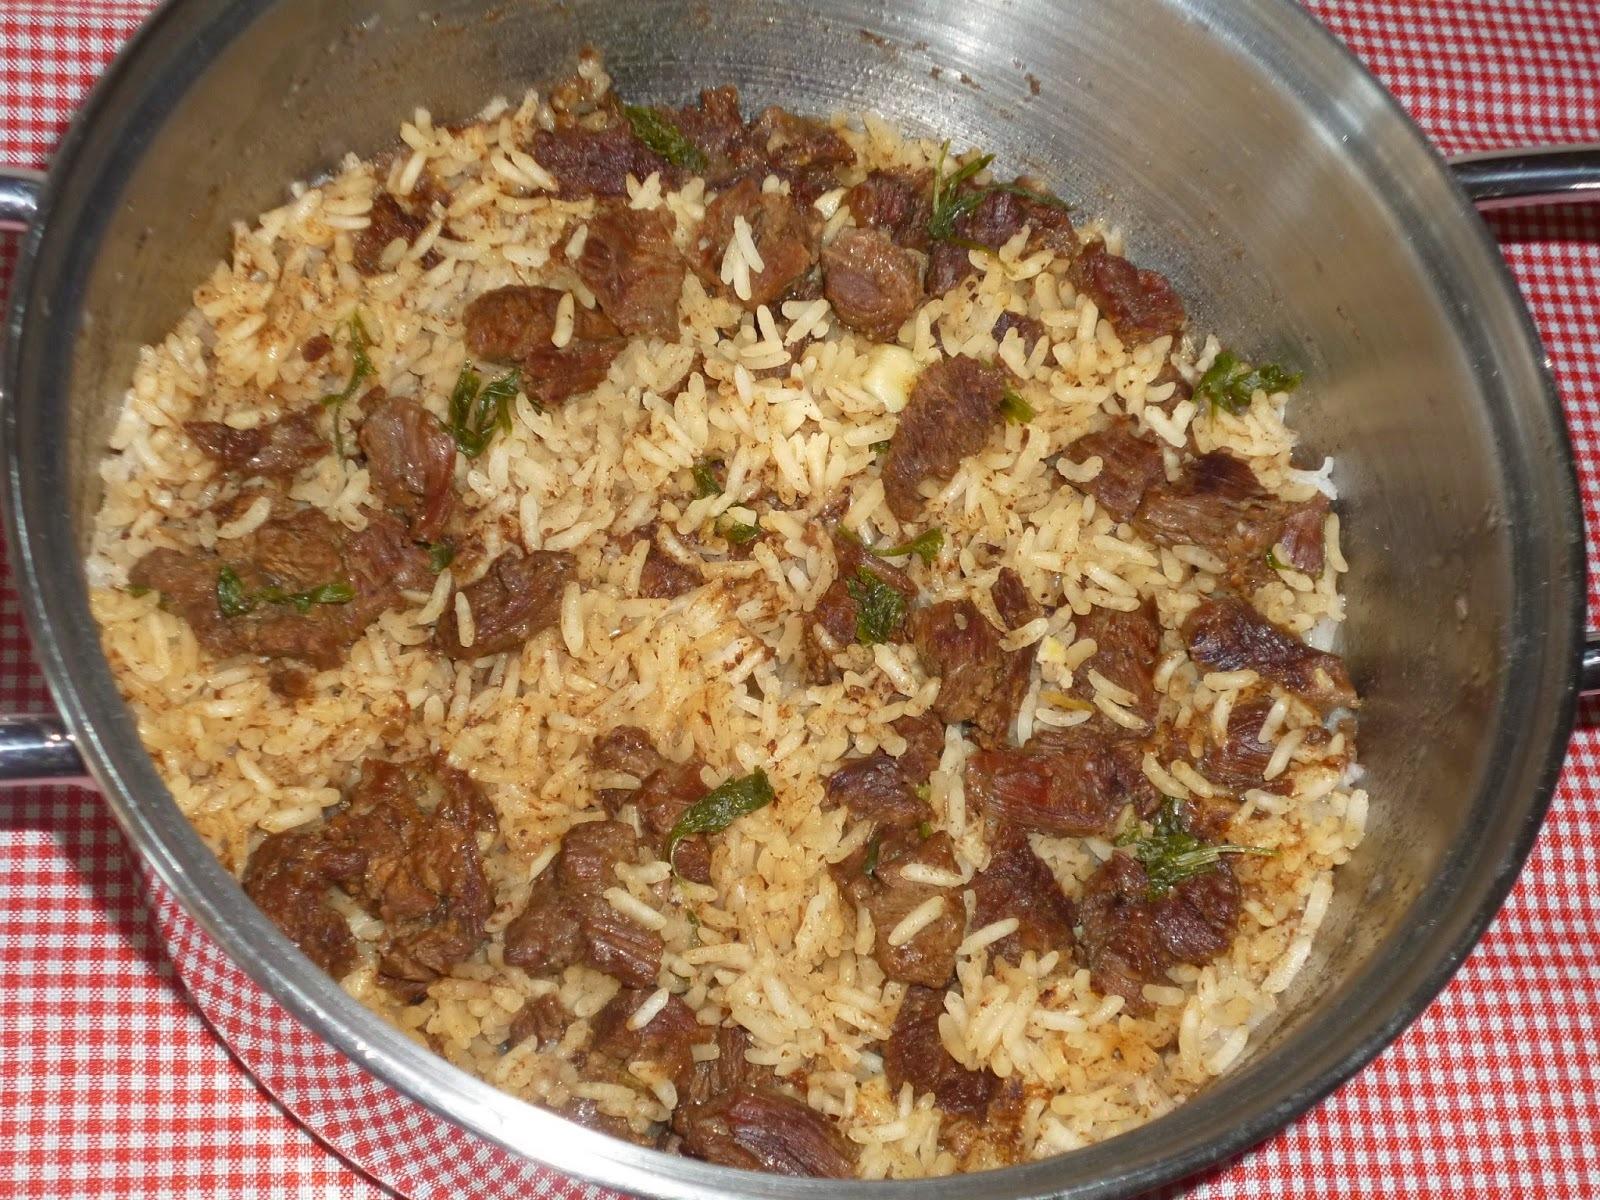 de arroz carreteiro com carne seca